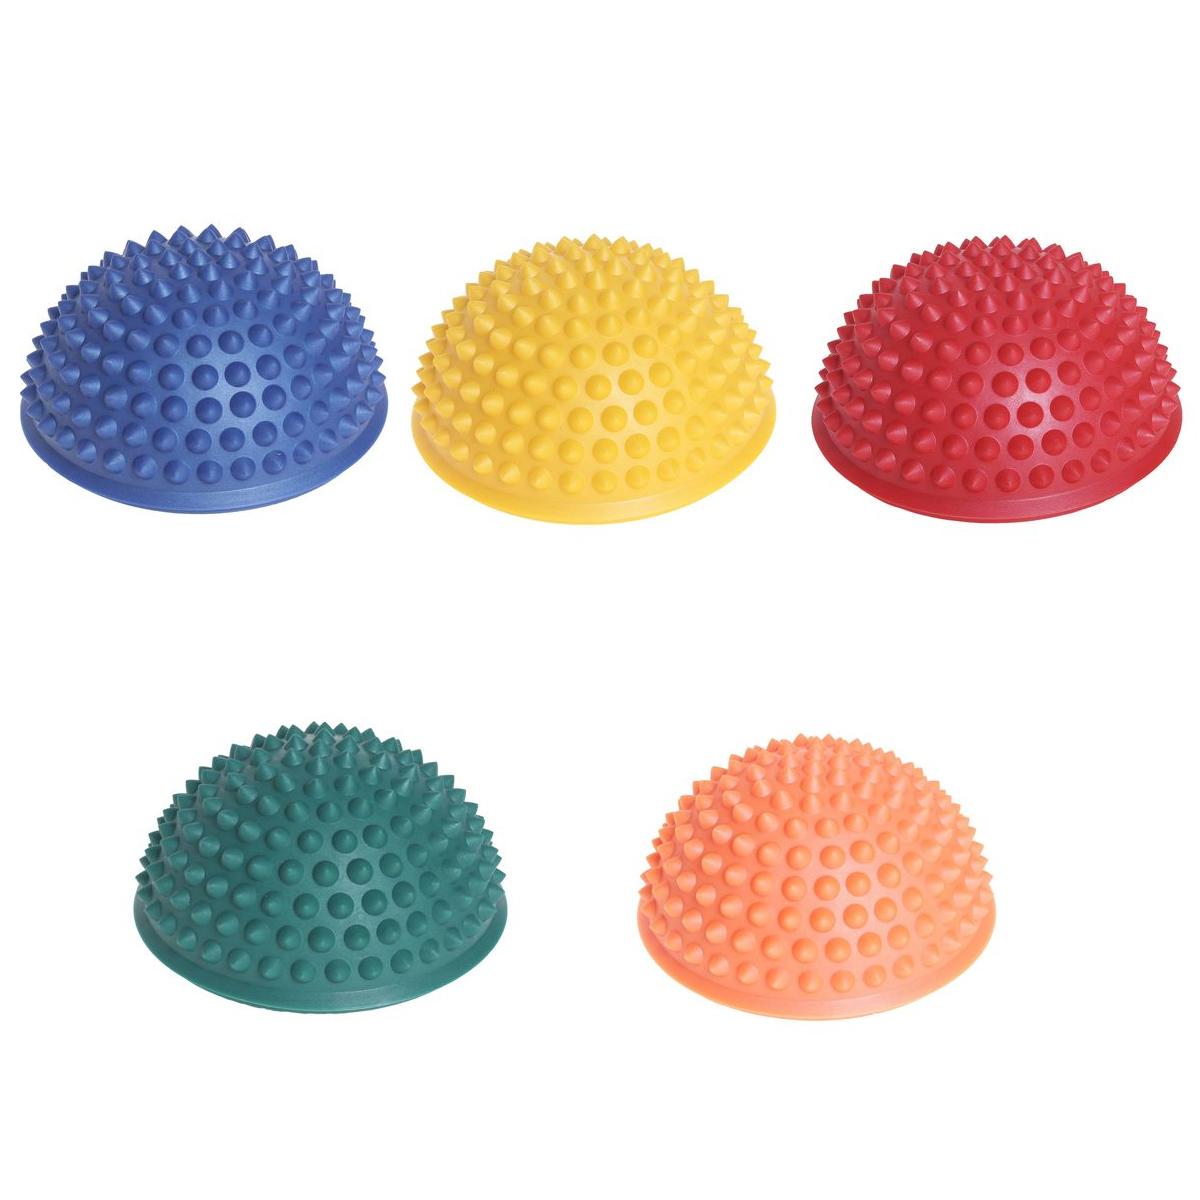 Массажеры для ног резиновые аппарат для вакуумной чистки кожи лица xiaomi wellskins wxht 100 white отзывы